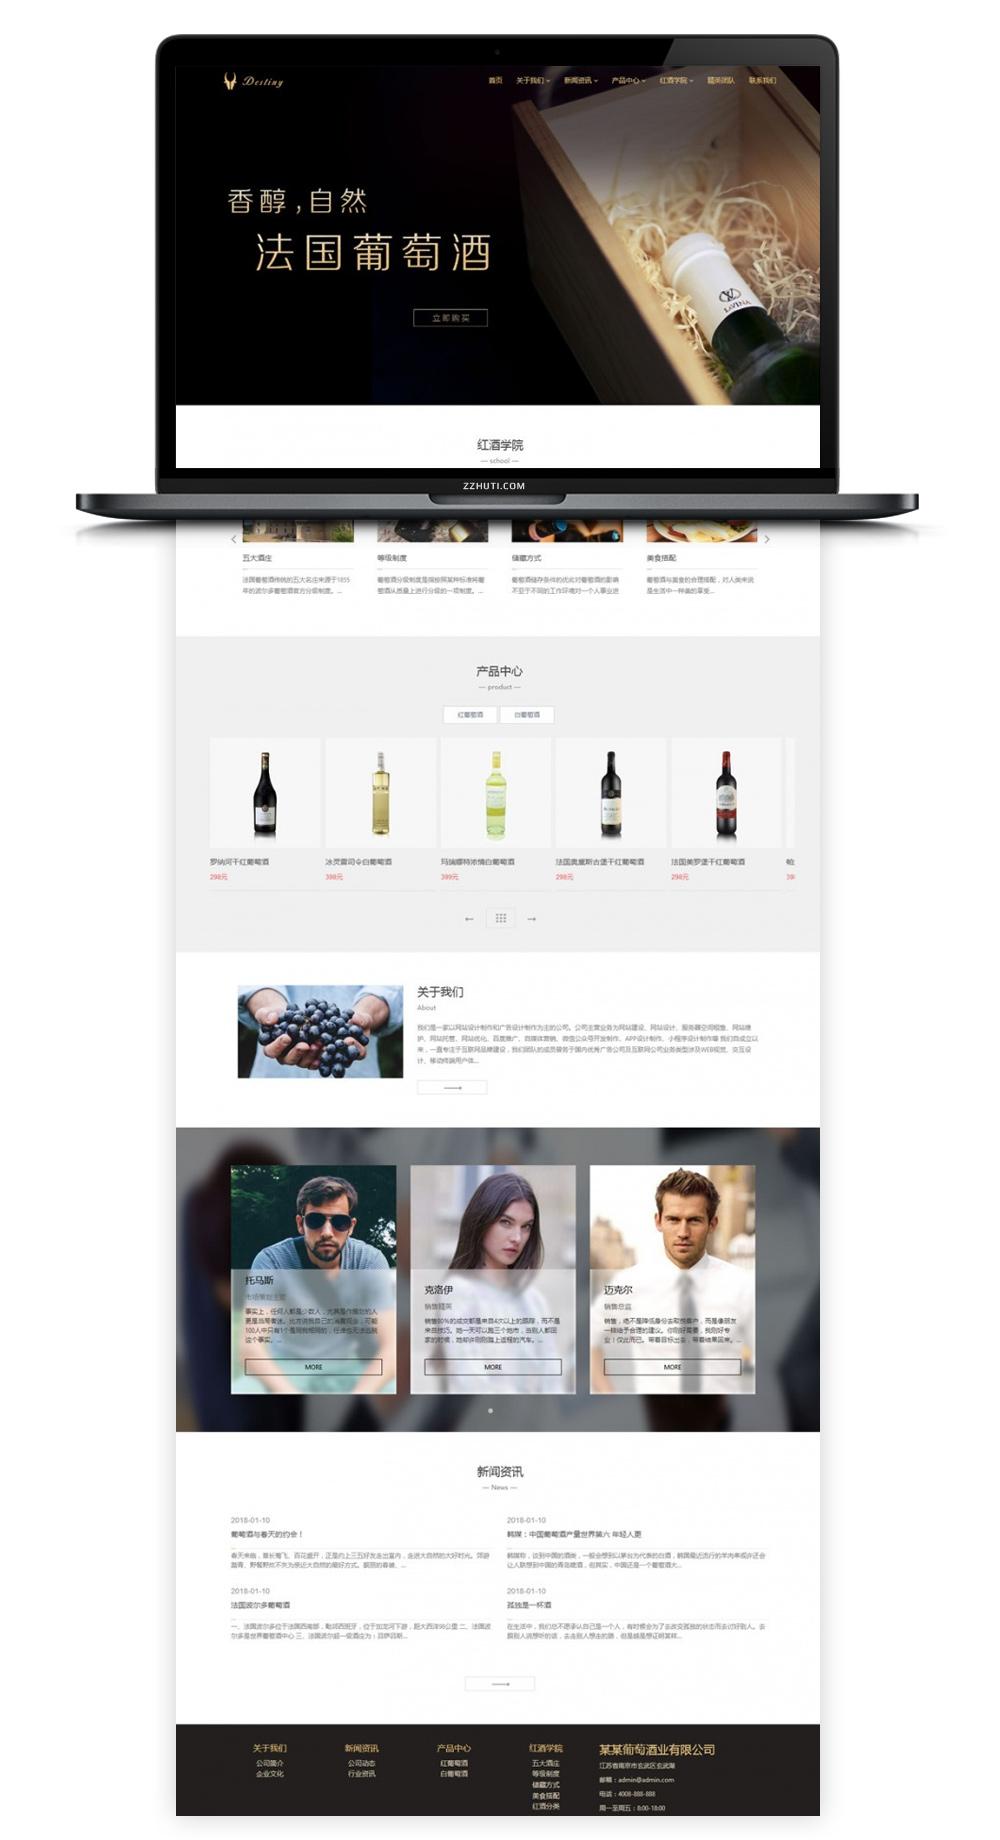 【织梦酒业企业站模板】HTML5自适应葡萄酒+白酒+红酒类企业网站DEDECMS模板-蓝汇源码